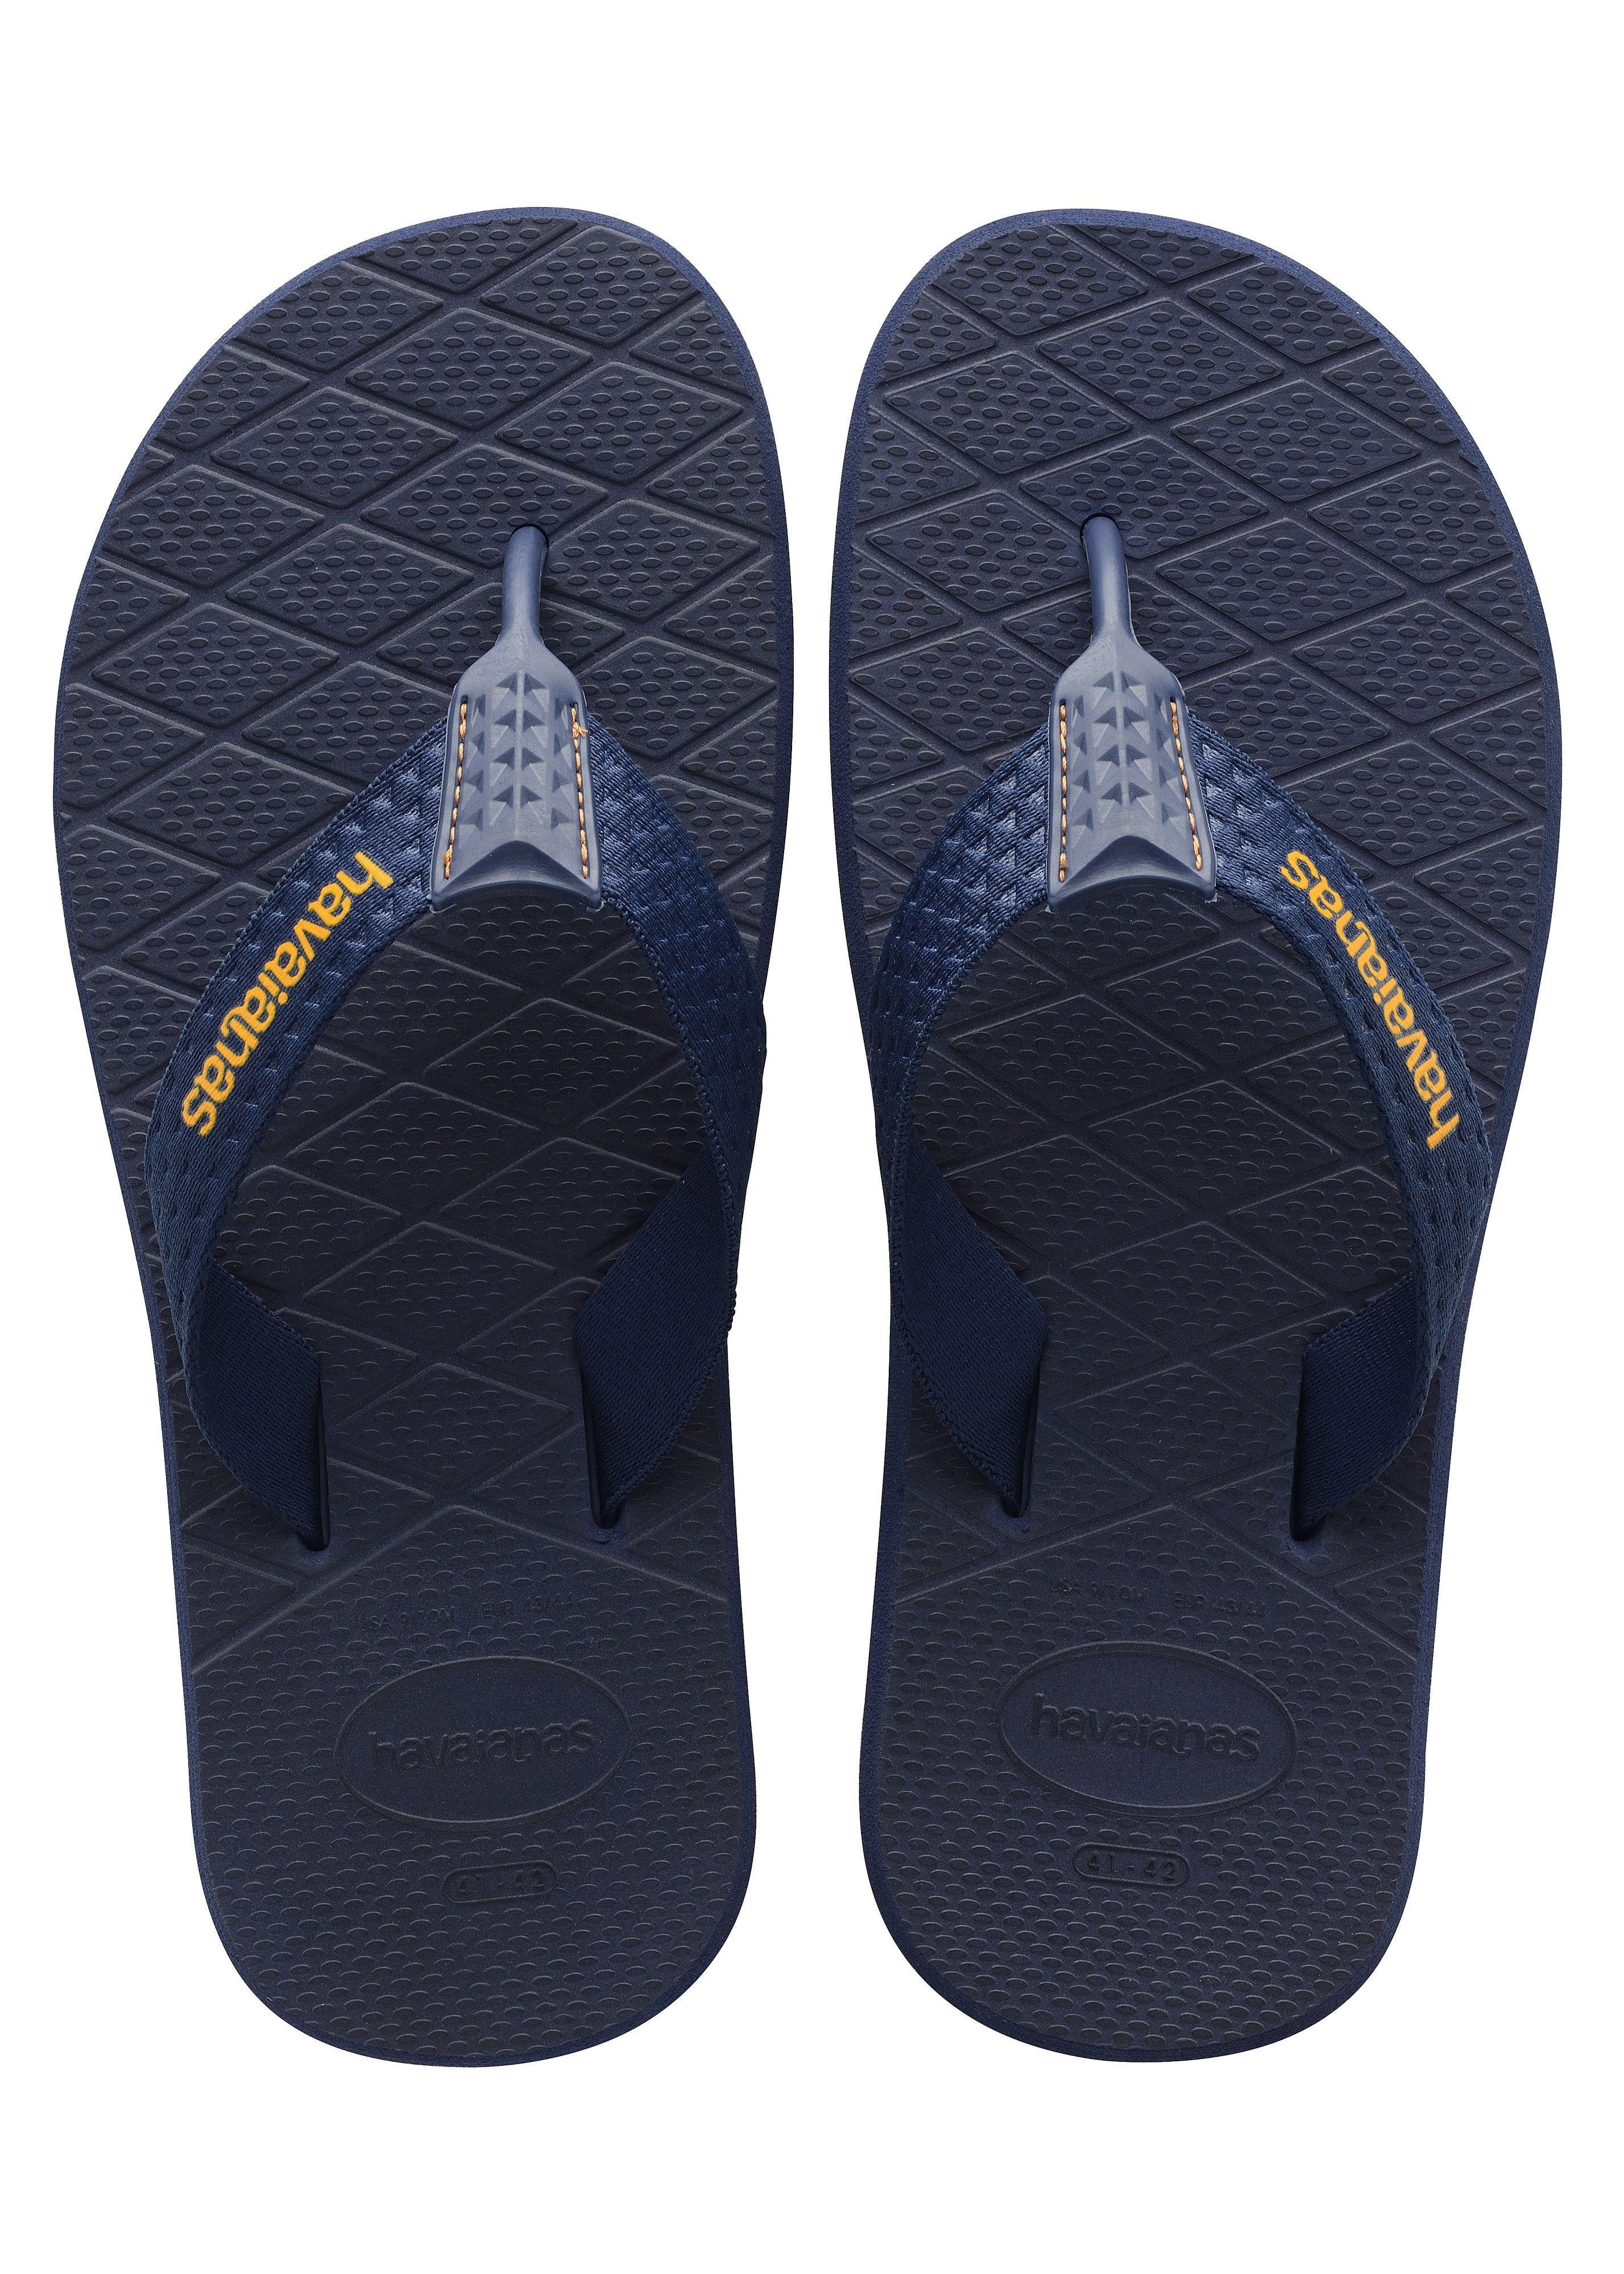 professionnel de premier plan beau look style actuel Havaianas Level Sandal Navy Blue | SAVATES | Chaussure